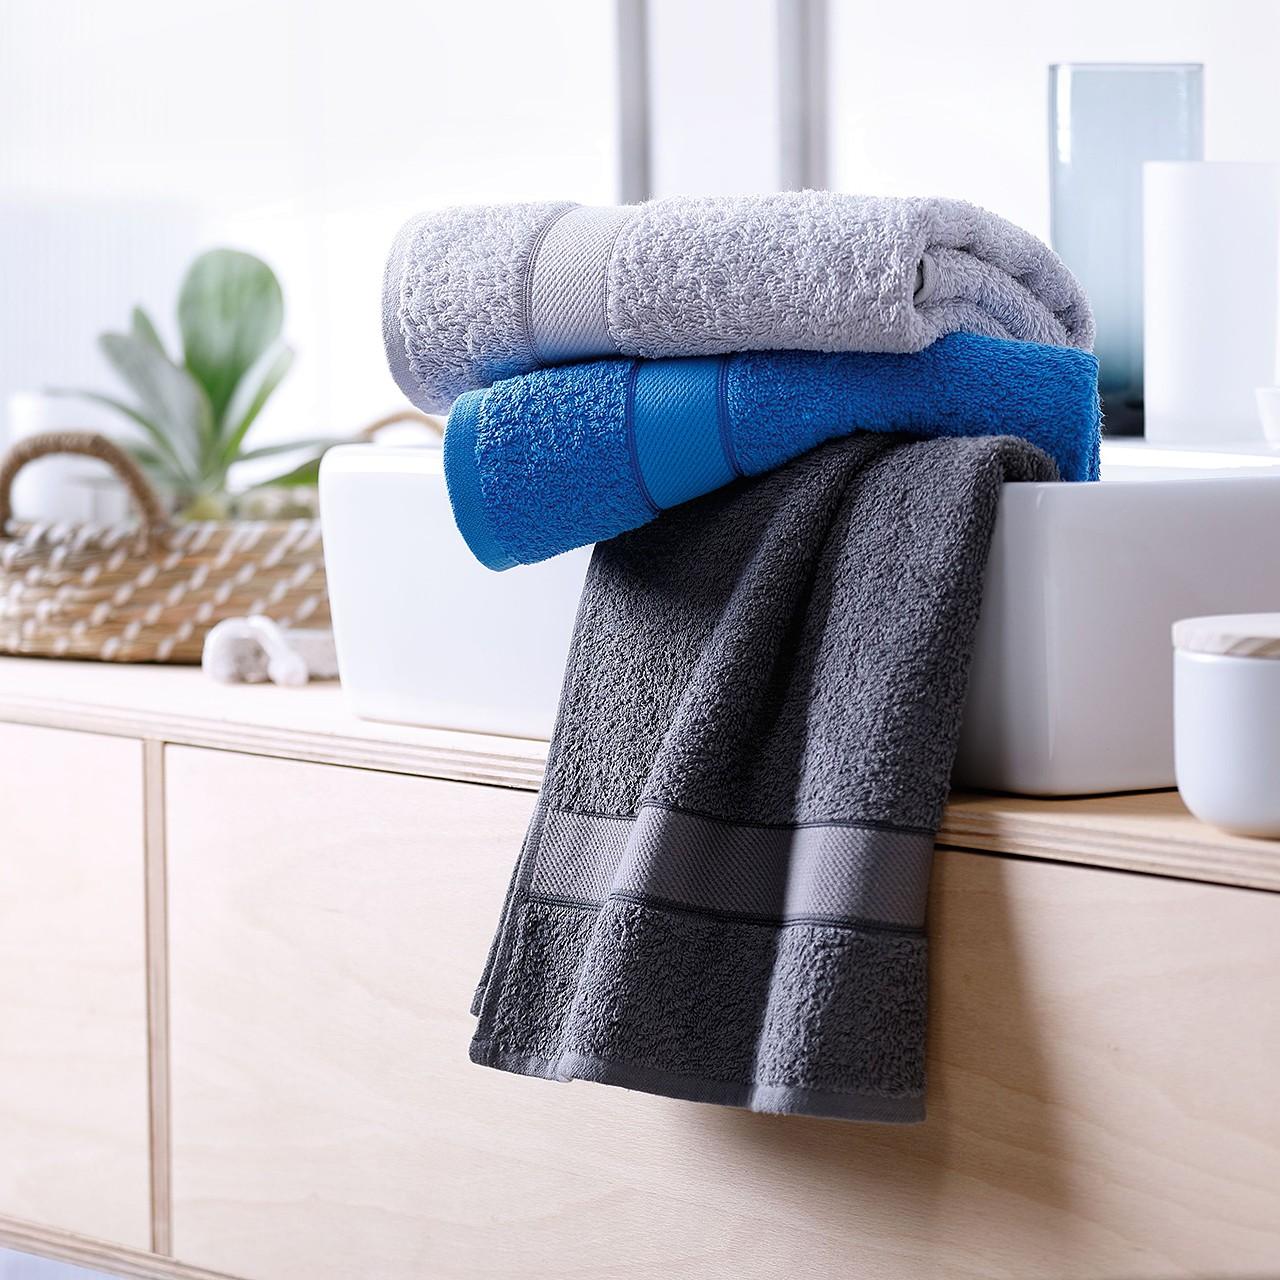 Handtuch aus BIO-Baumwolle Myrtle Beach® | bedrucken, besticken, bedrucken lassen, besticken lassen, mit Logo |